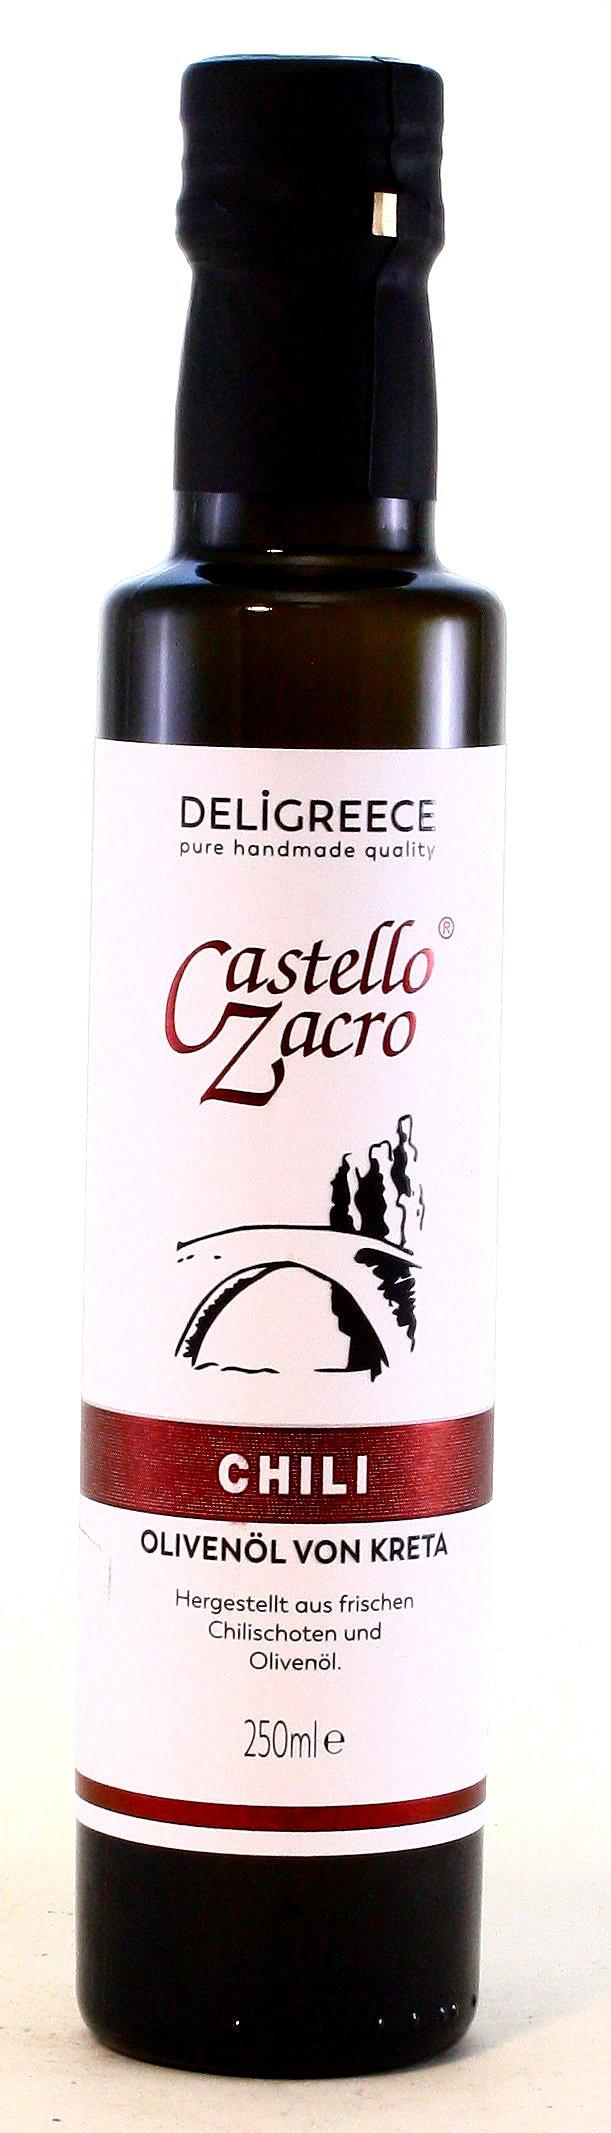 Olivenöl Chili, Castello Zacro